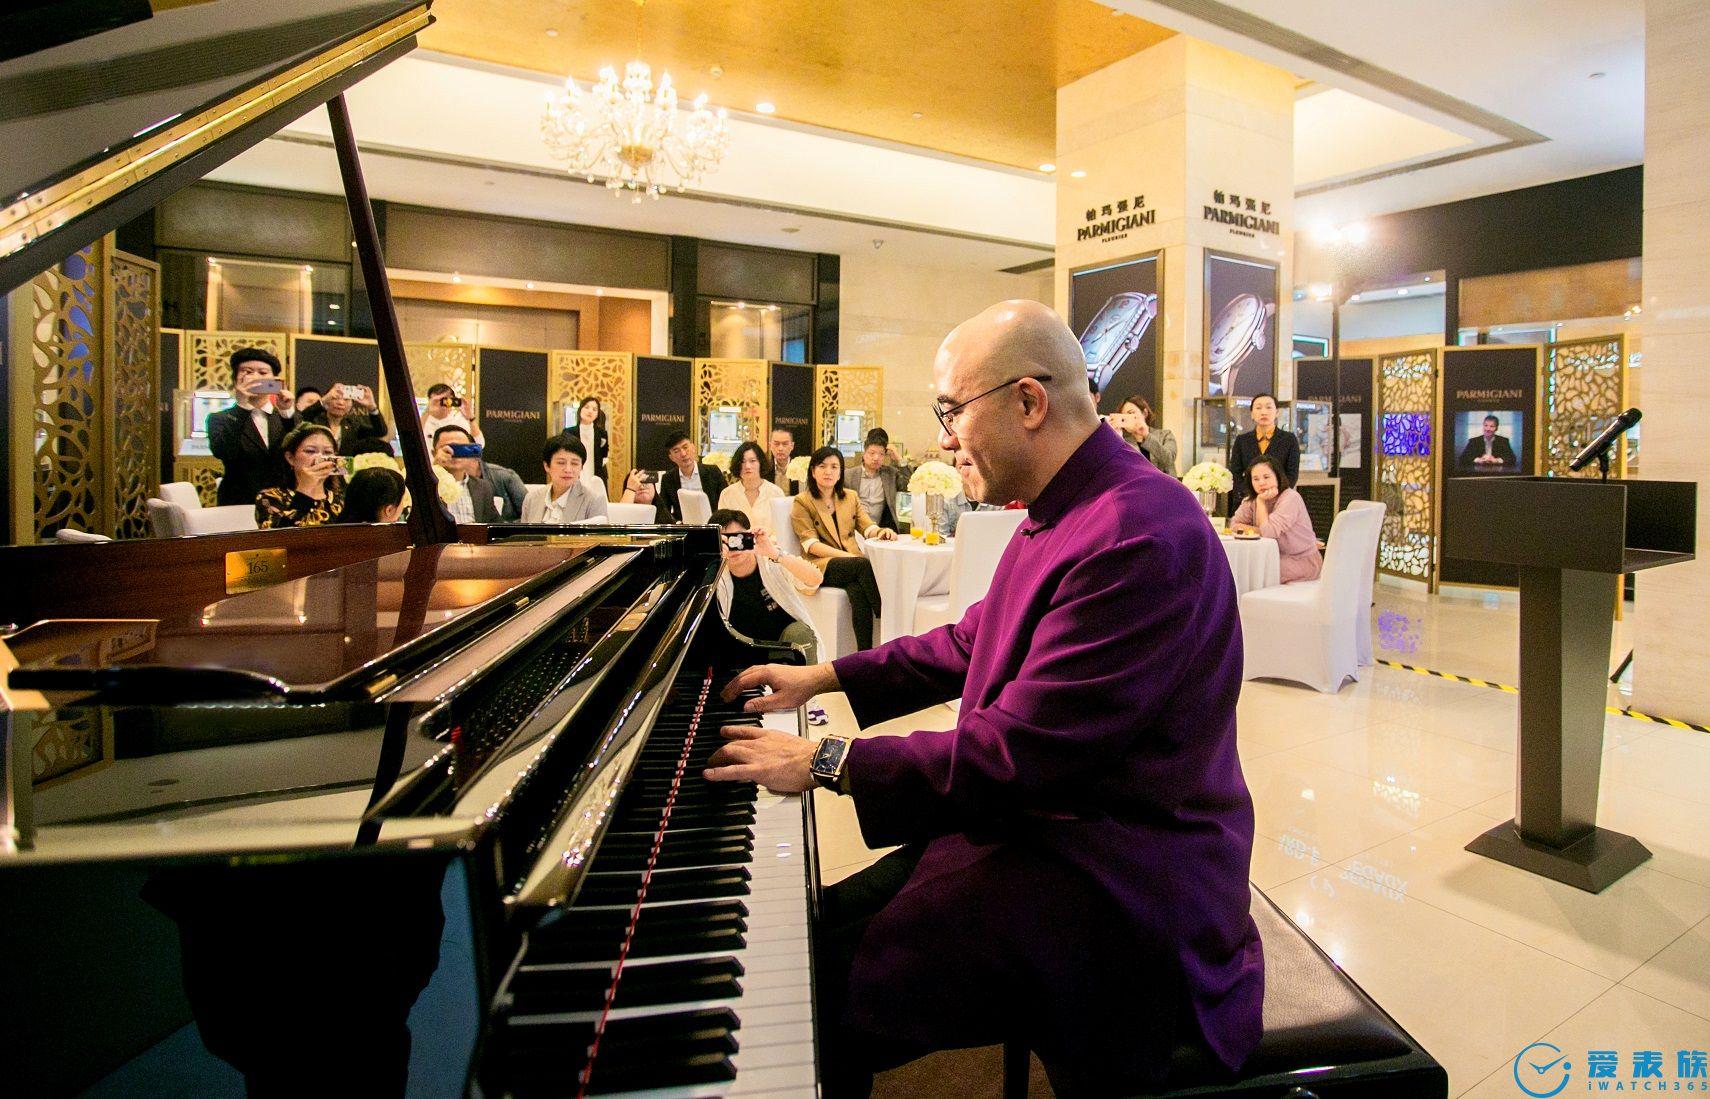 日月光华 君子厚德 钢琴表演艺术家孔祥东先生指尖流转 演绎帕玛强尼时间艺术